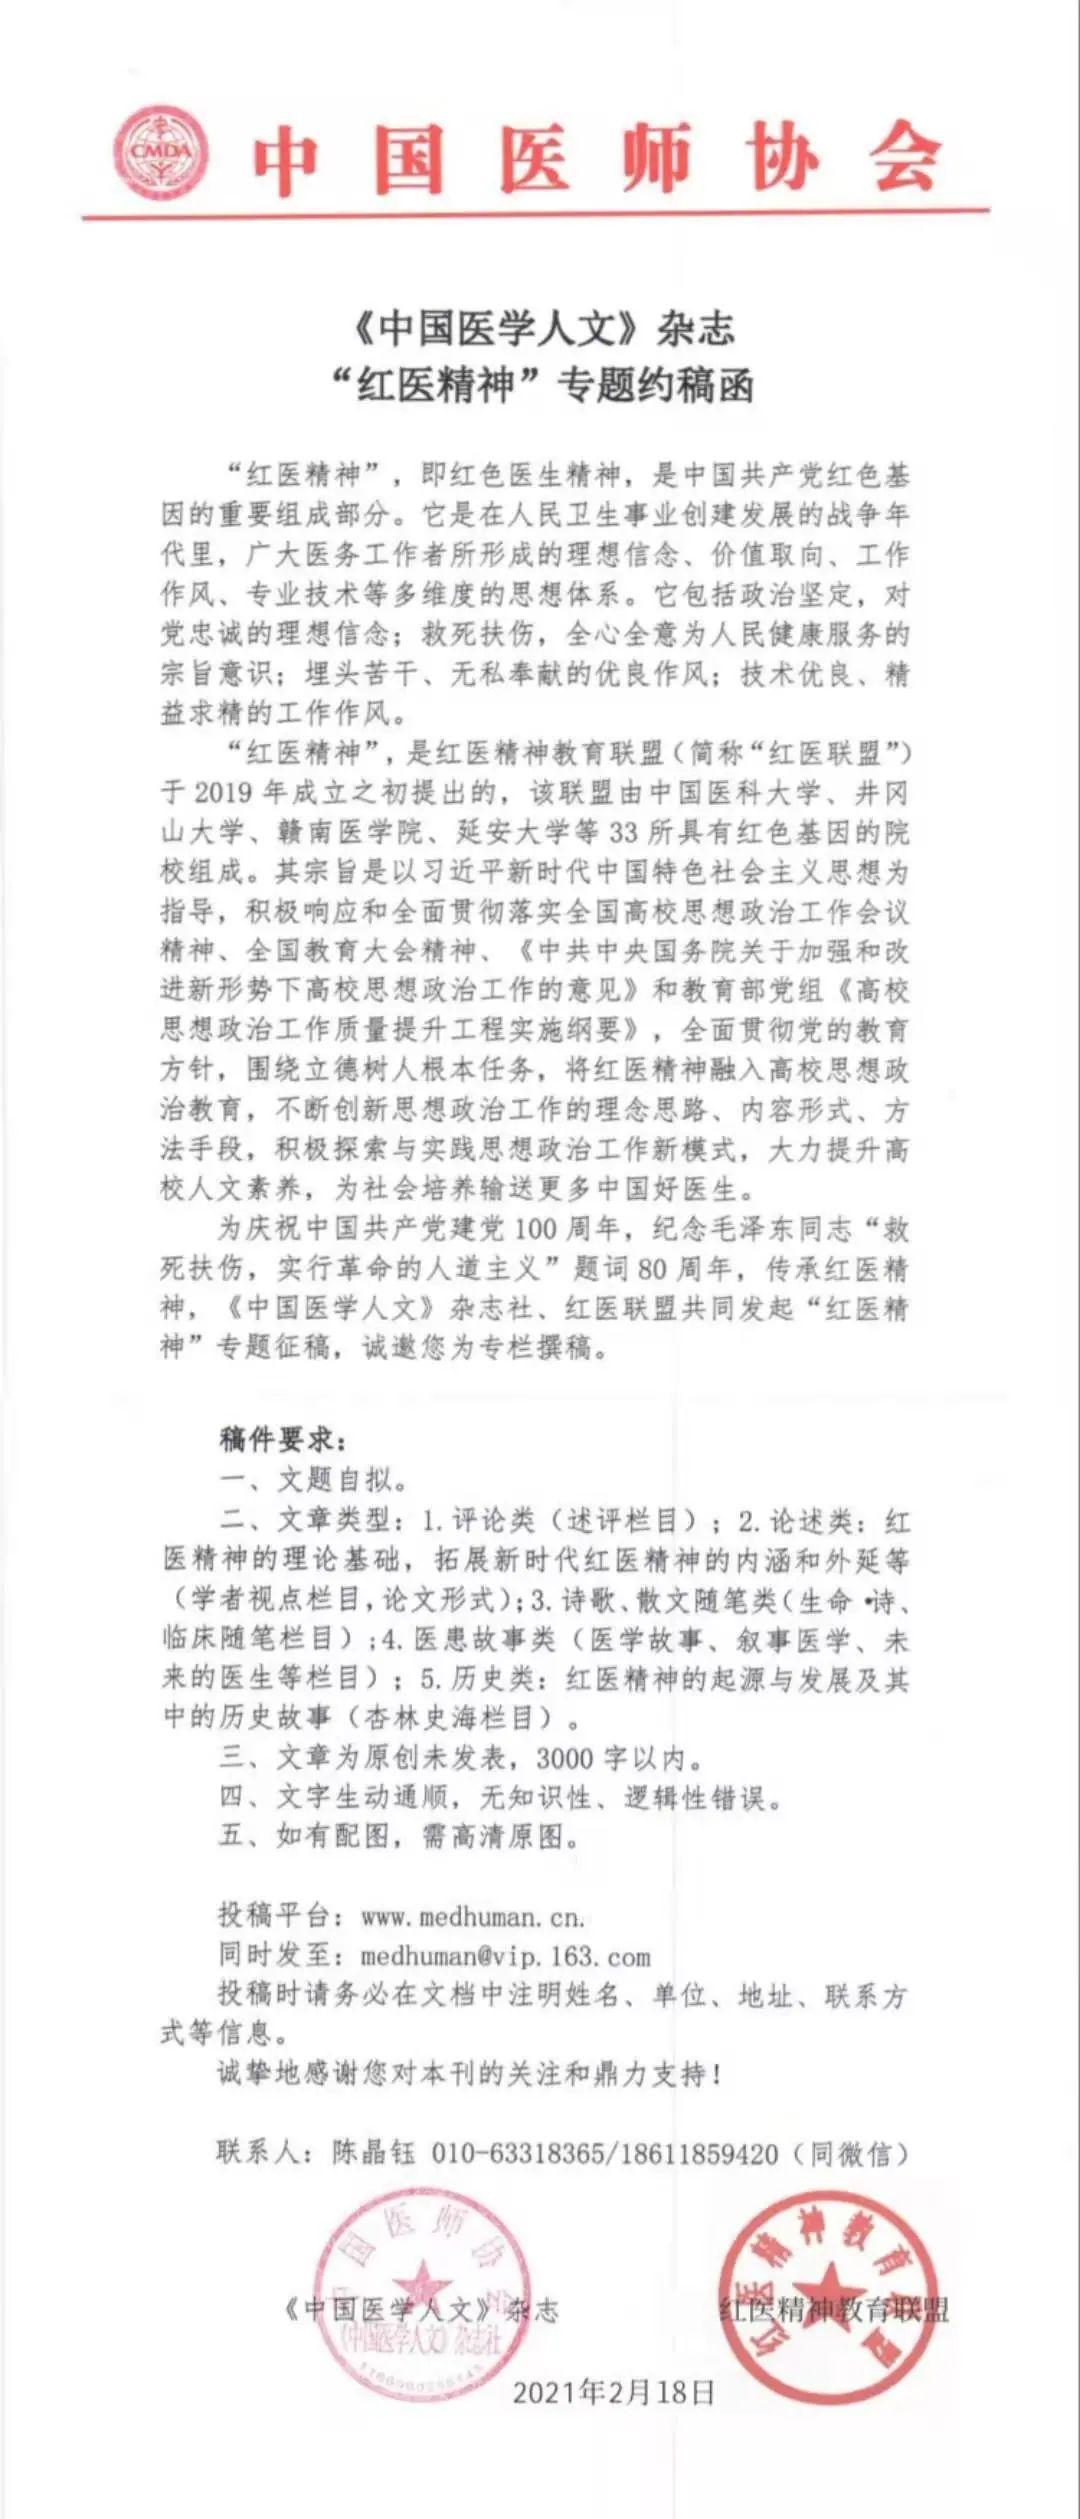 """《中国医学人文》杂志 """"红医精神""""专题约稿函图片"""